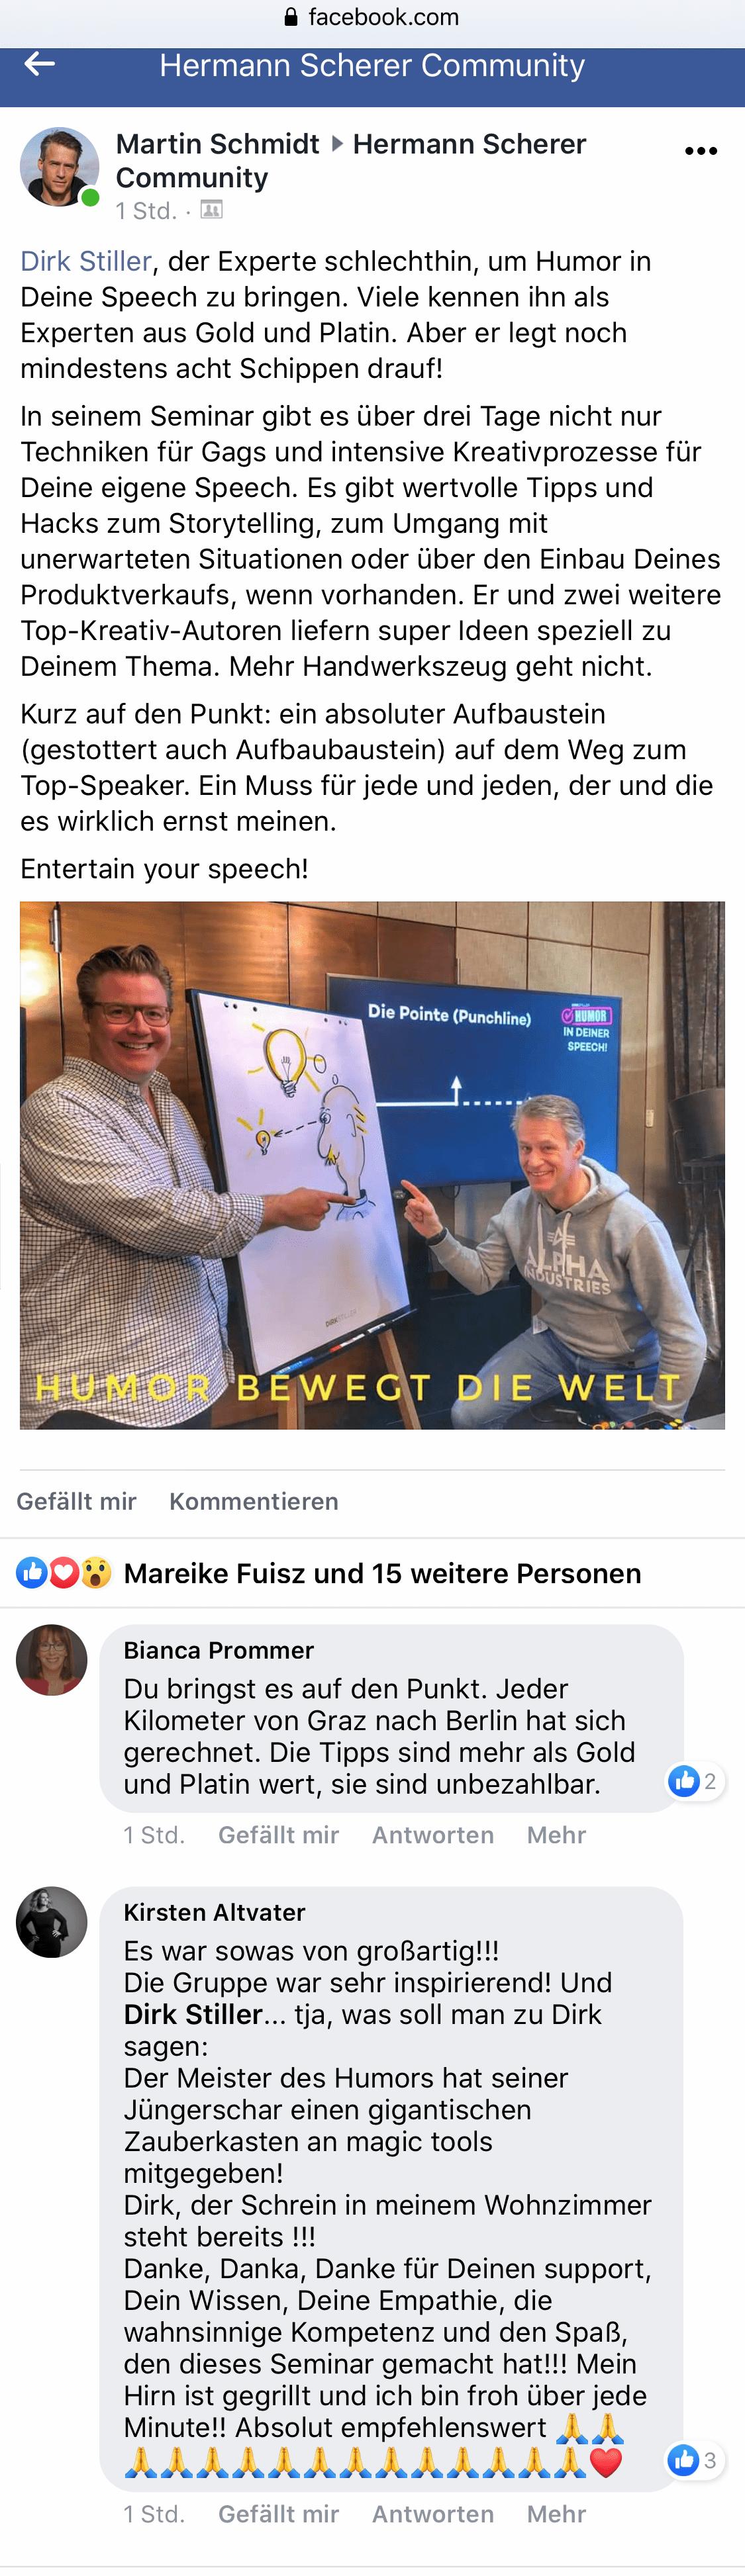 Martin Schmidt, Kirsten Altvater, Bianca Prommer über Dirk Stiller